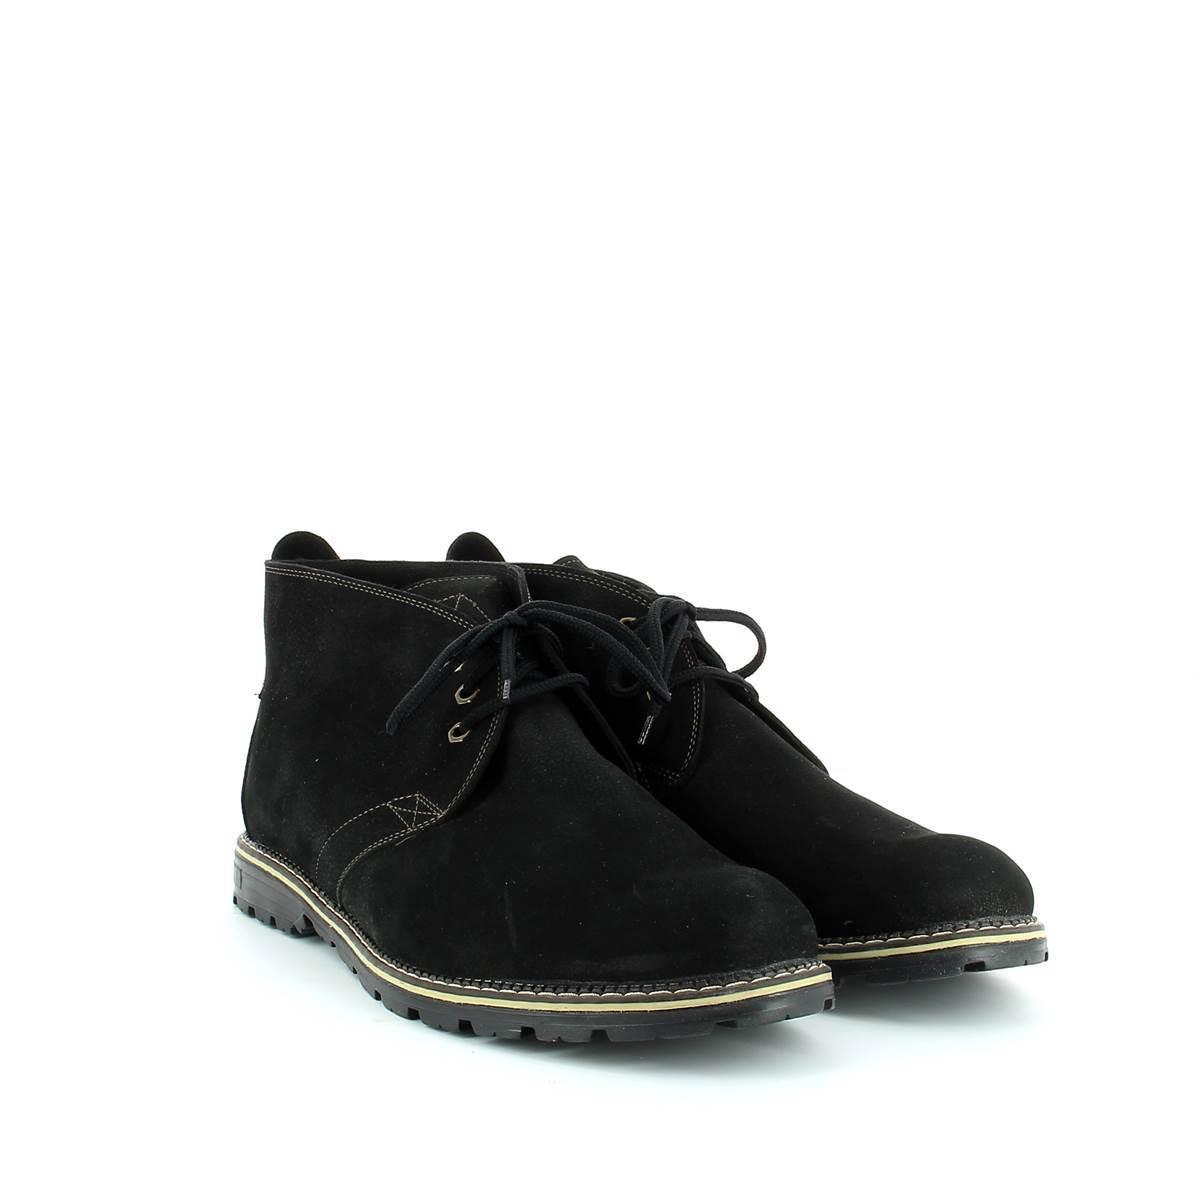 564483 ботинки мужские черные байка больших размеров марки Делфино